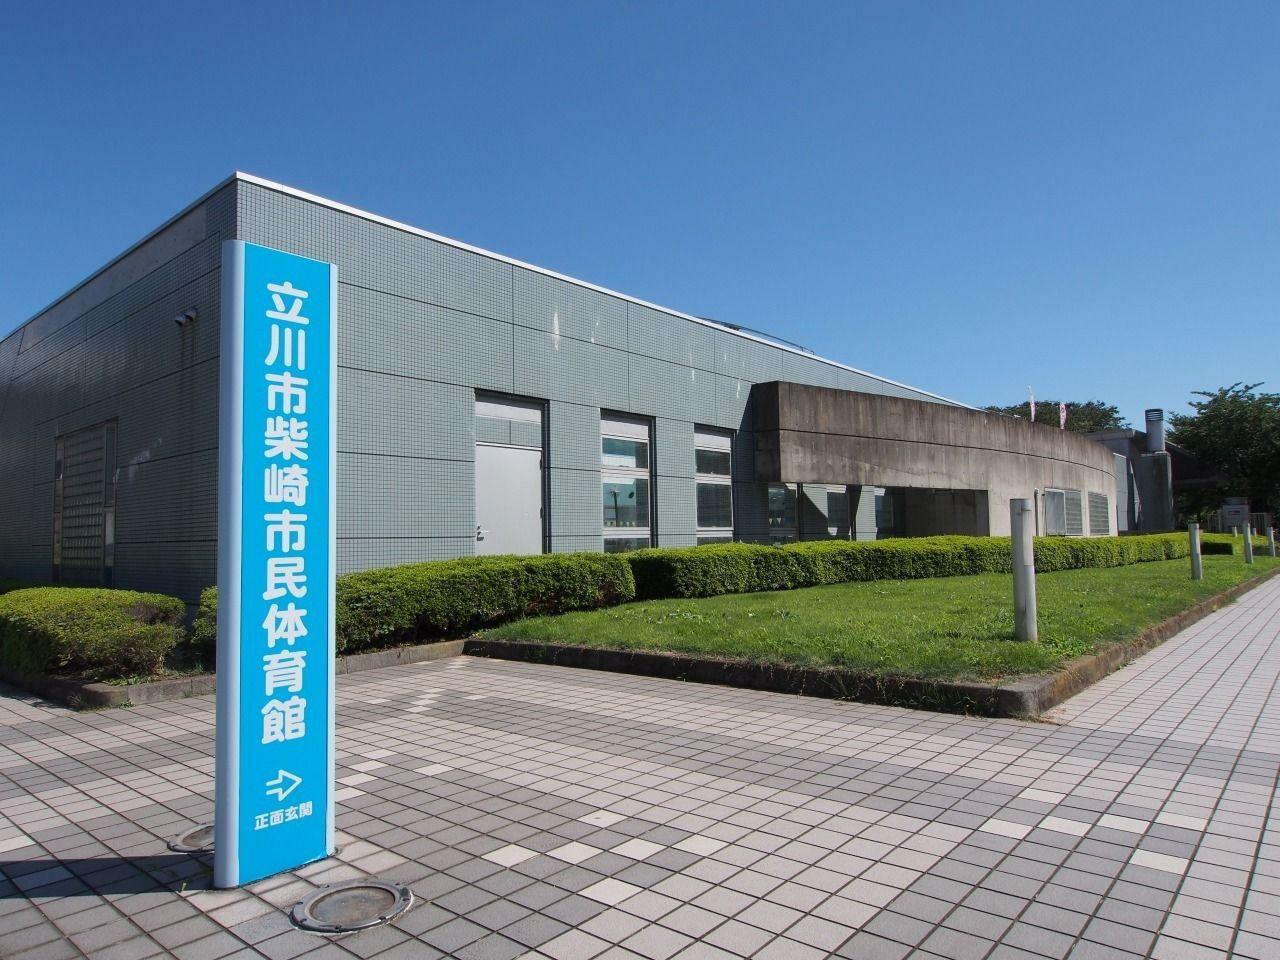 小川コーポ北側の温水プールもある体育館